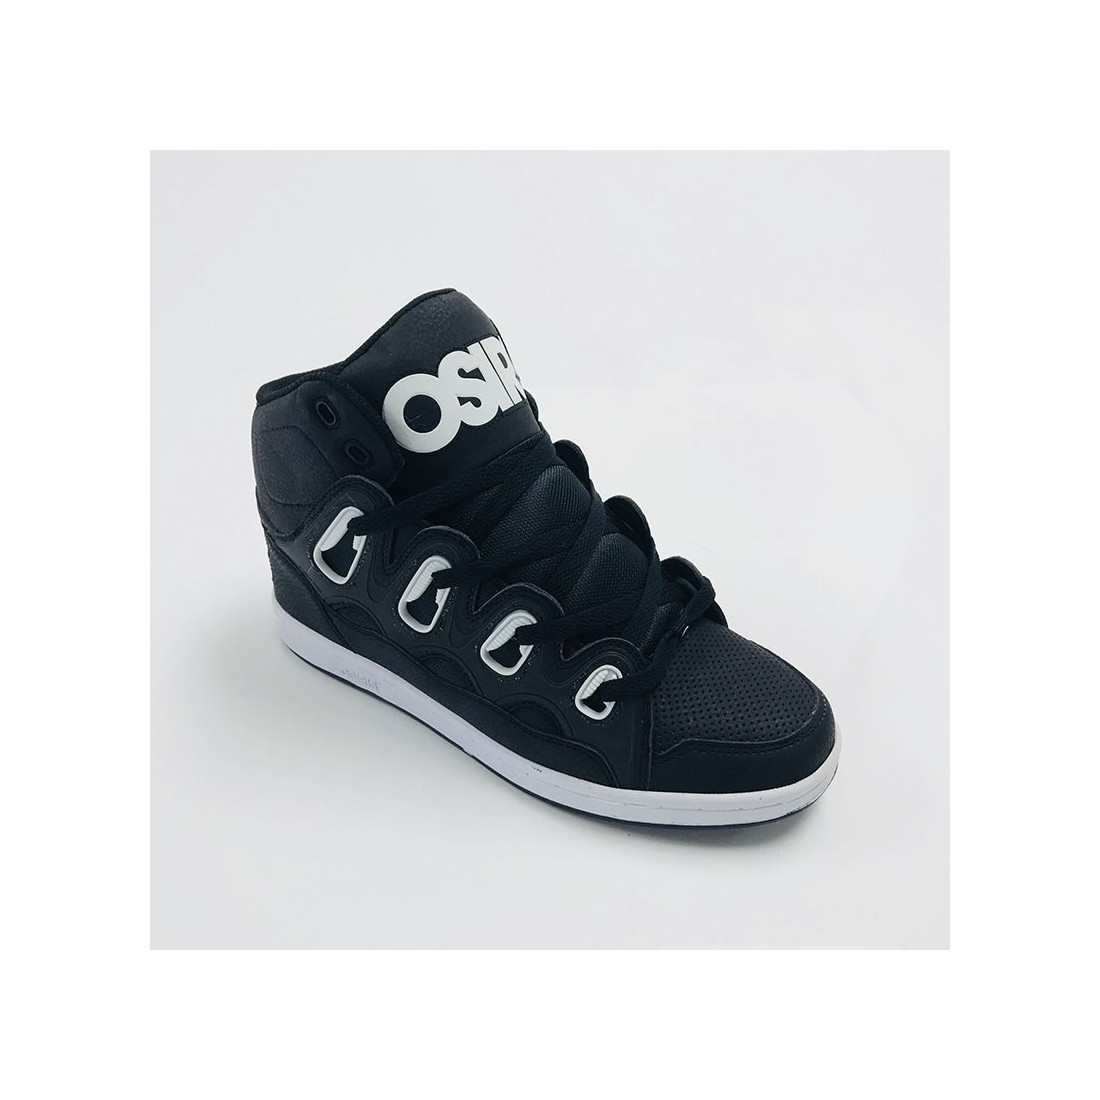 D3 H black white black